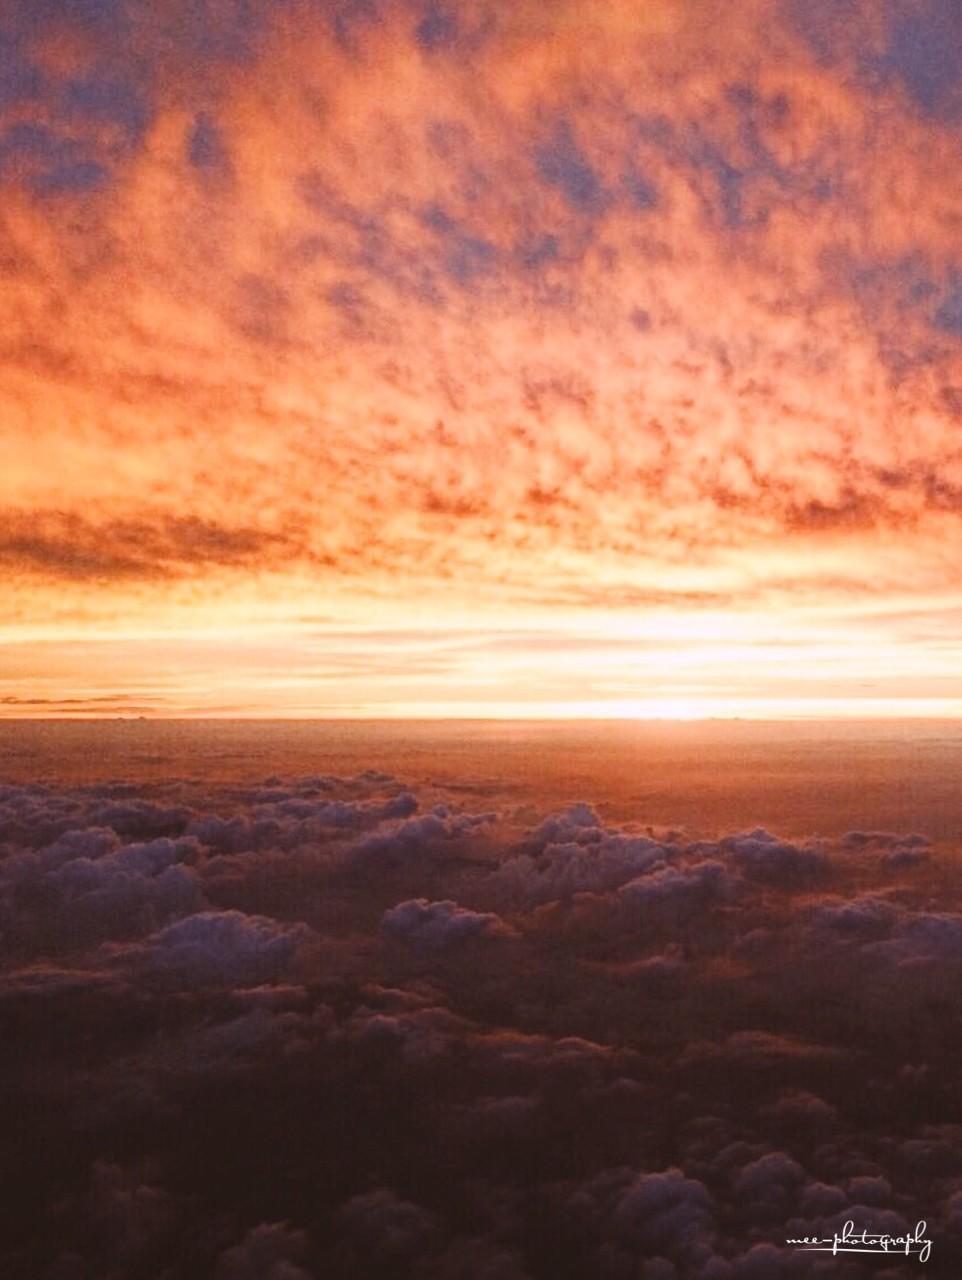 #夕陽 #夕日 #空 #雲 #自然 #カメラ #写真 #sunset #sky #camera #photo #photography